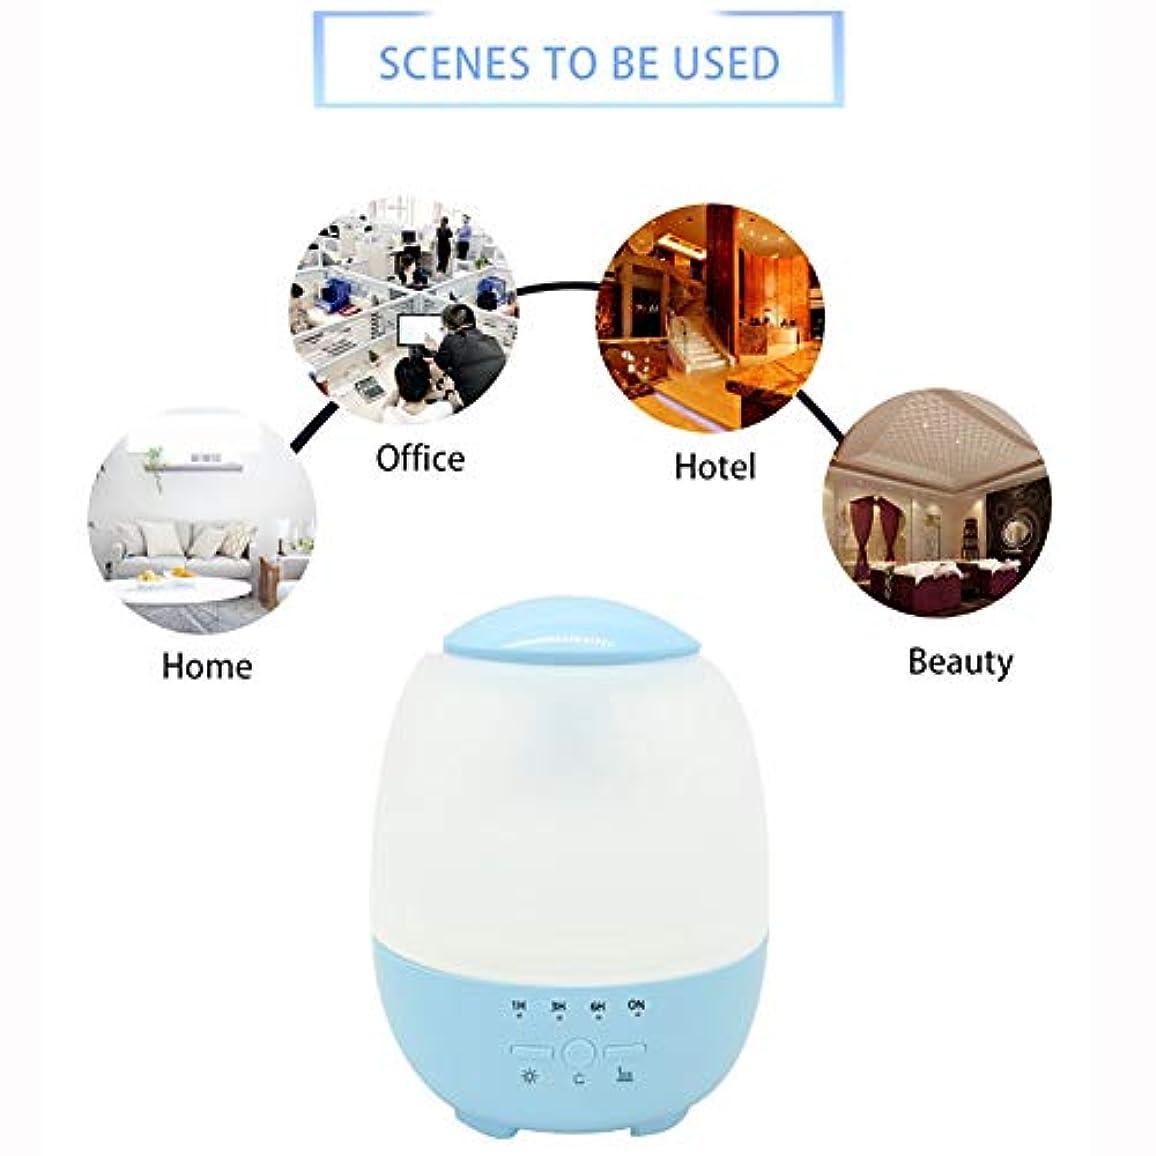 狂乱アナリスト流体エッセンシャルオイルディフューザーと加湿器、ミストエッセンシャルオイルアロマ加湿器用の超音波アロマディフューザー、7色LEDライト,Blue